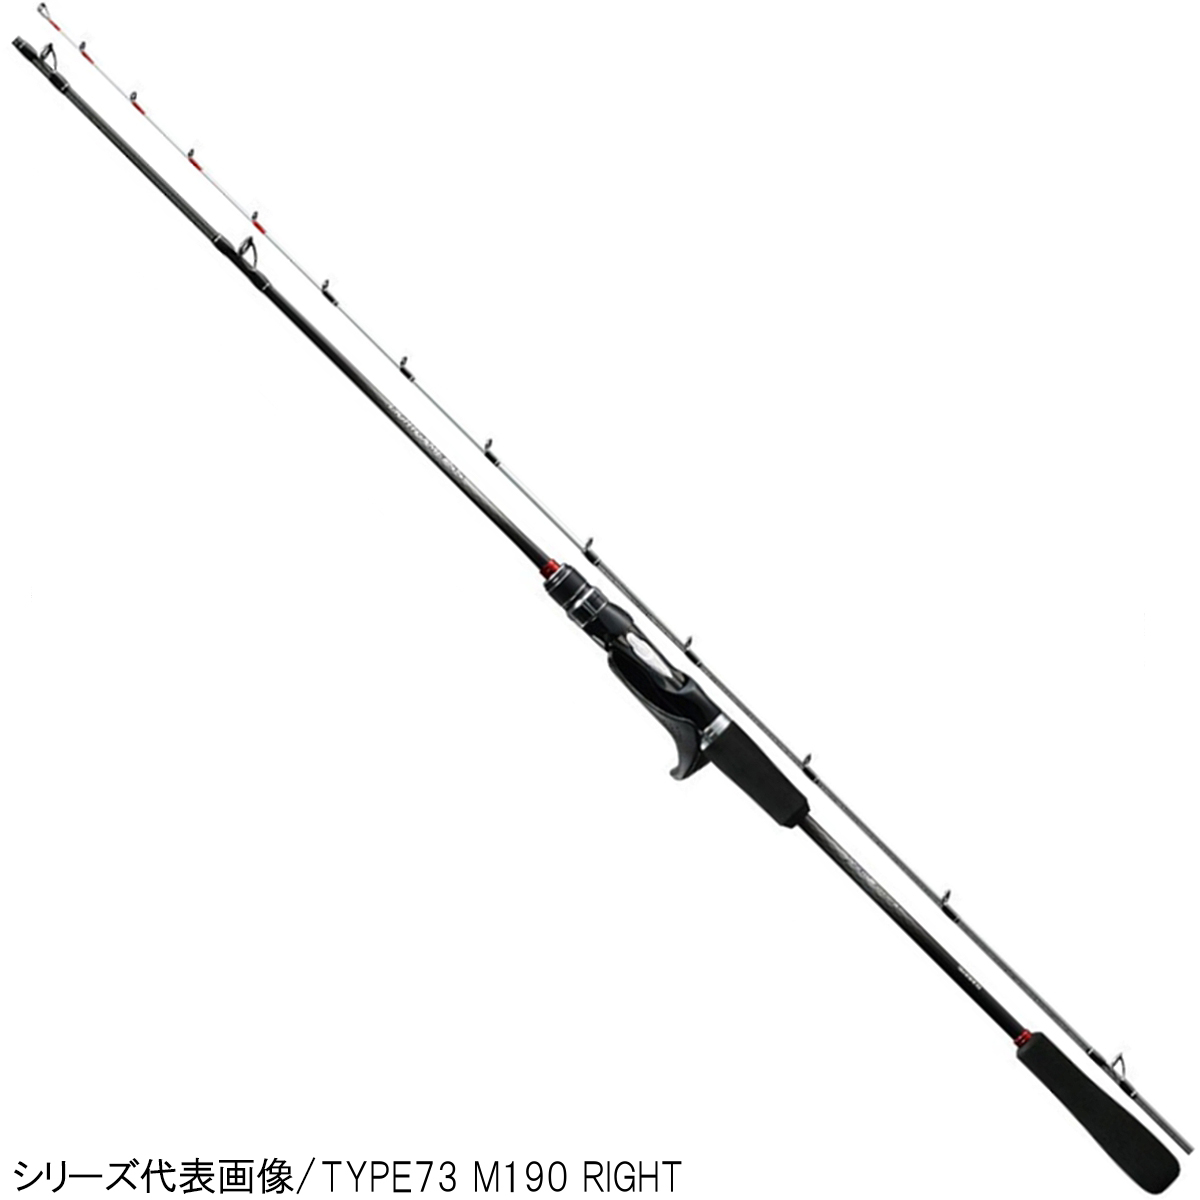 シマノ ライトゲームSS TYPE73 MH225 RIGHT